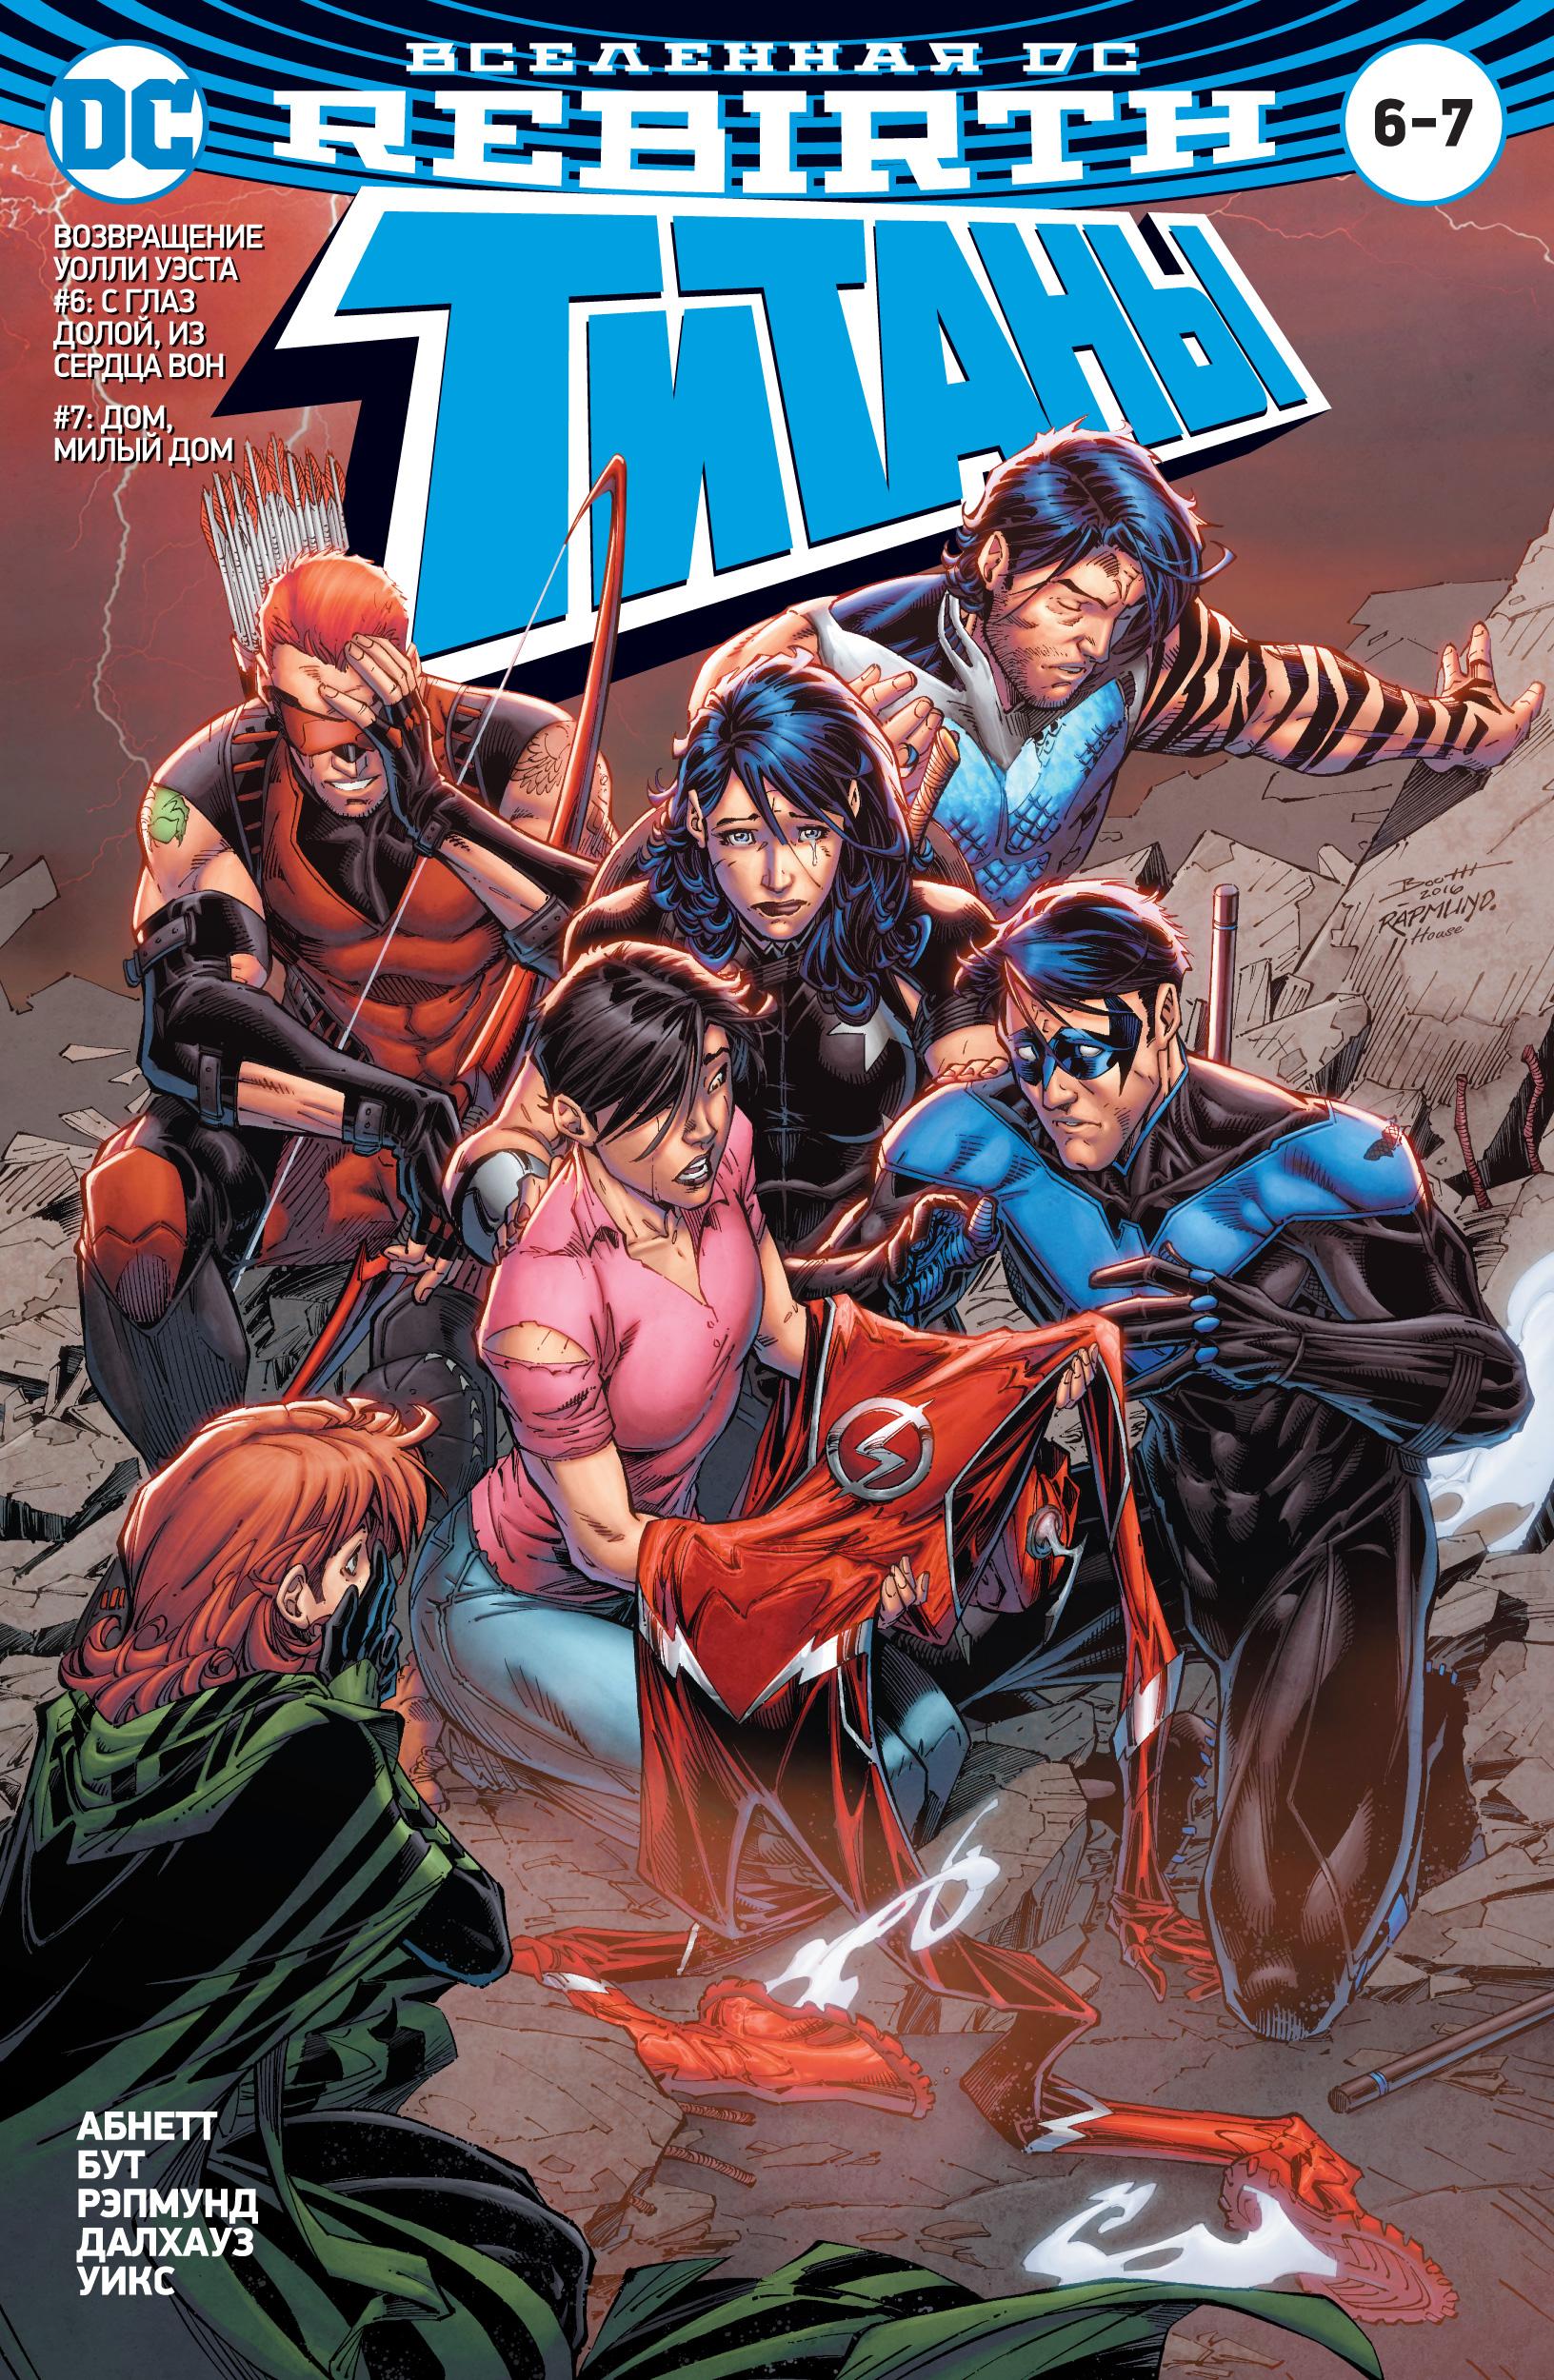 Вселенная DC. Rebirth. Титаны #6-7 / Красный Колпак и Изгои #3 ( Абнетт Д., Лобделл С.  )